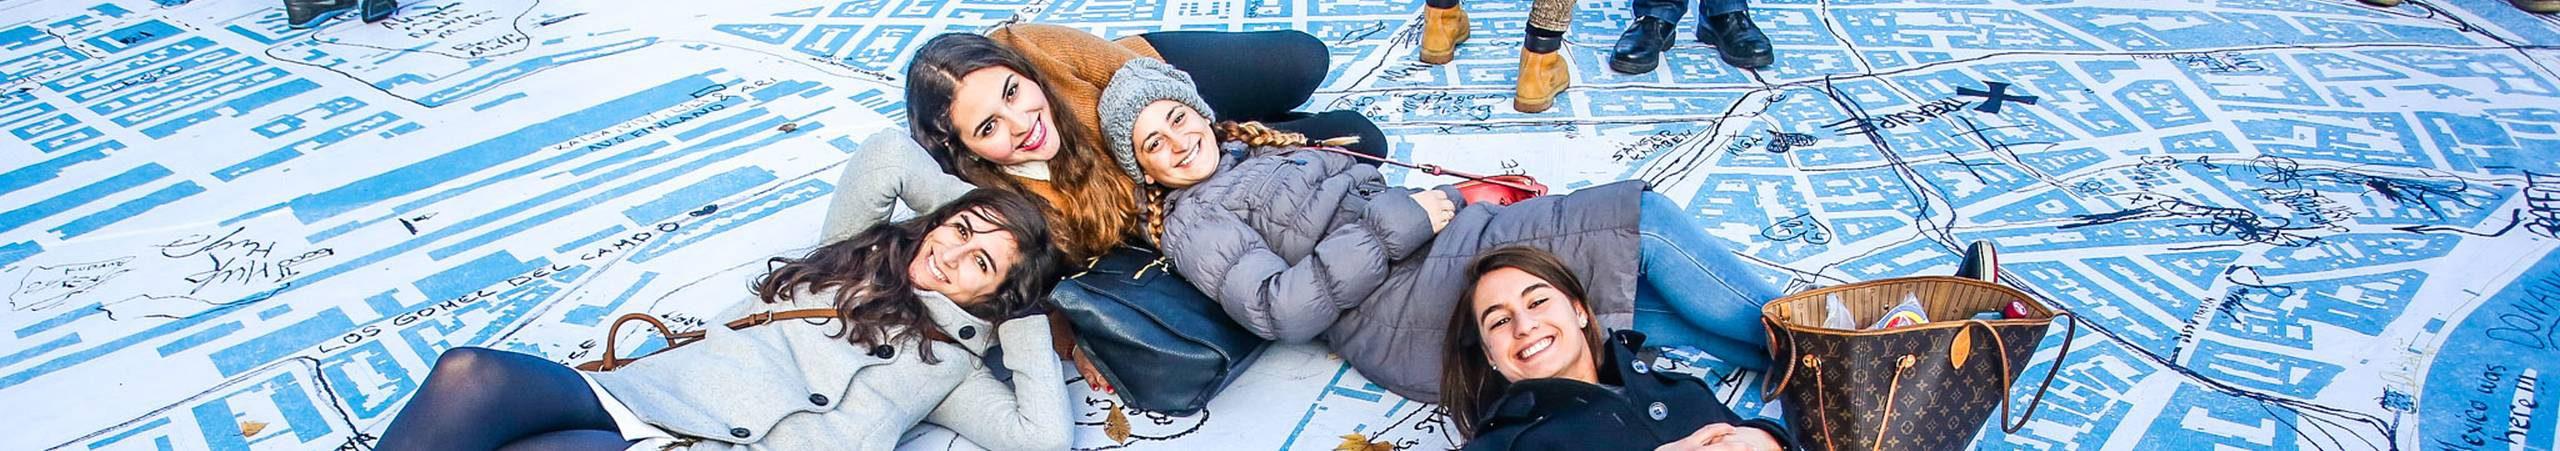 Vier junge Freundinnen posieren lachend vor der größten Wienkarte aller Zeiten am Rathausplatz. Foto von Christian Fuerthner